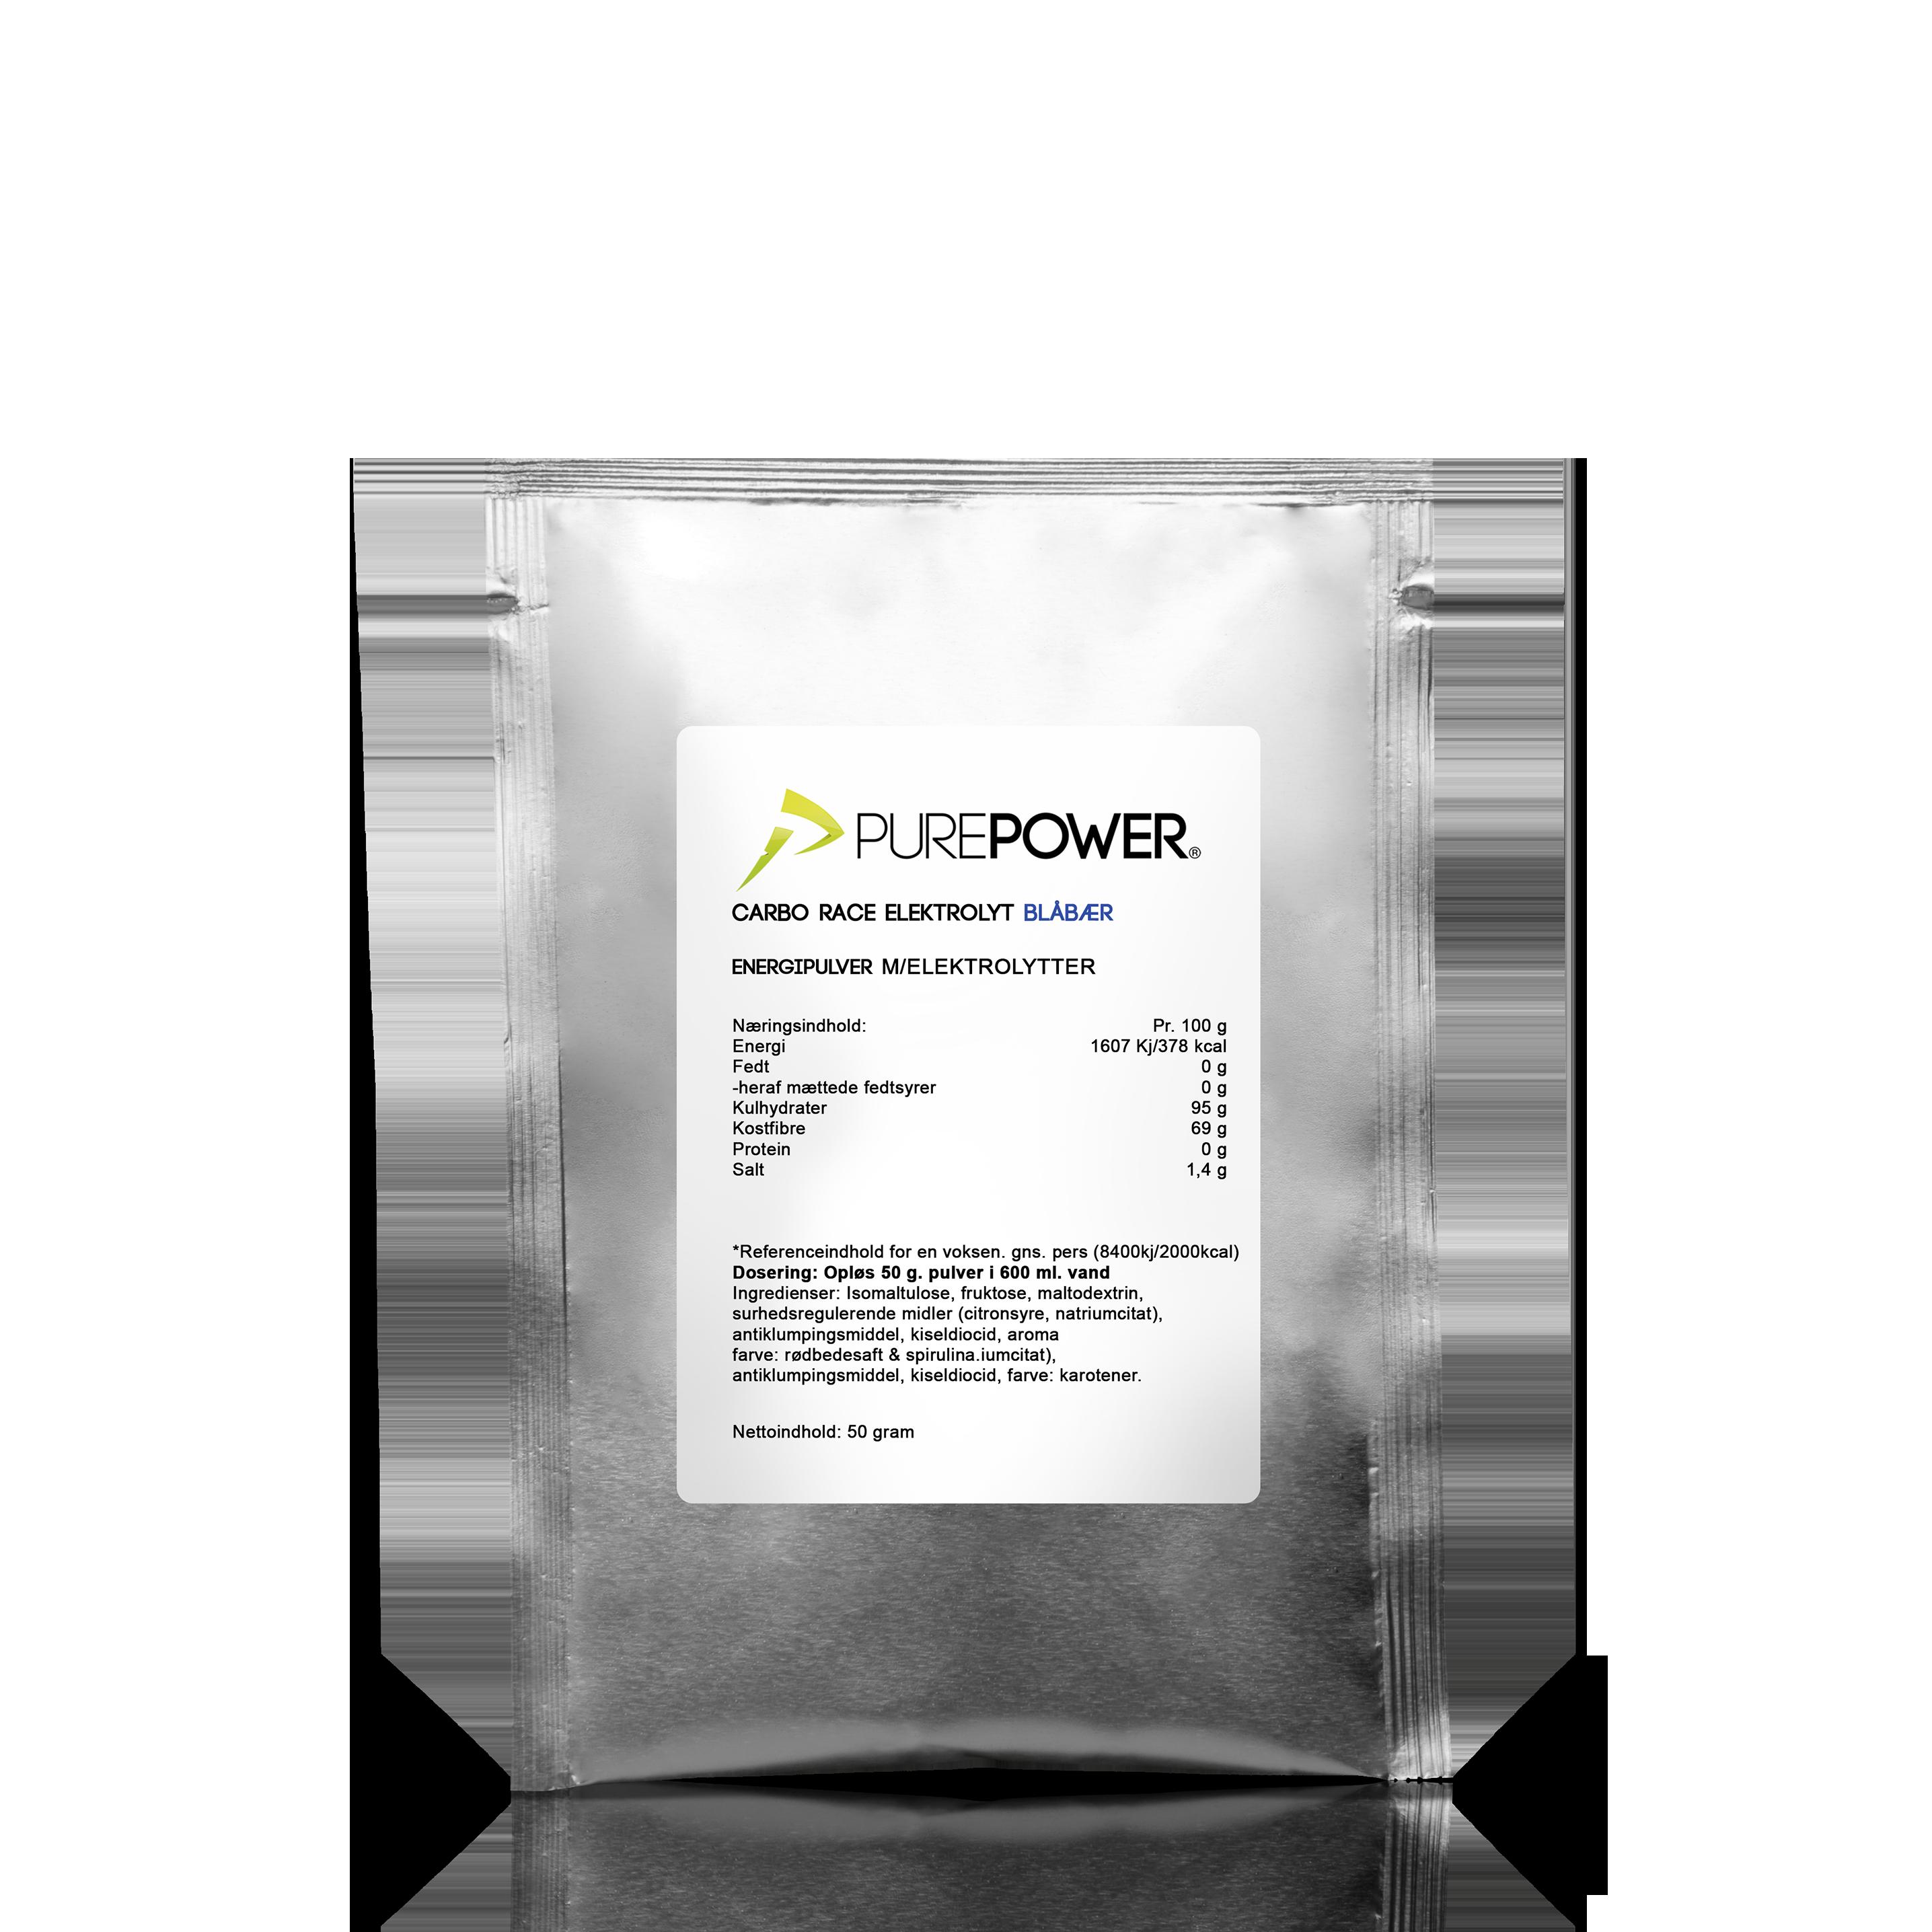 PurePower elektrolytter